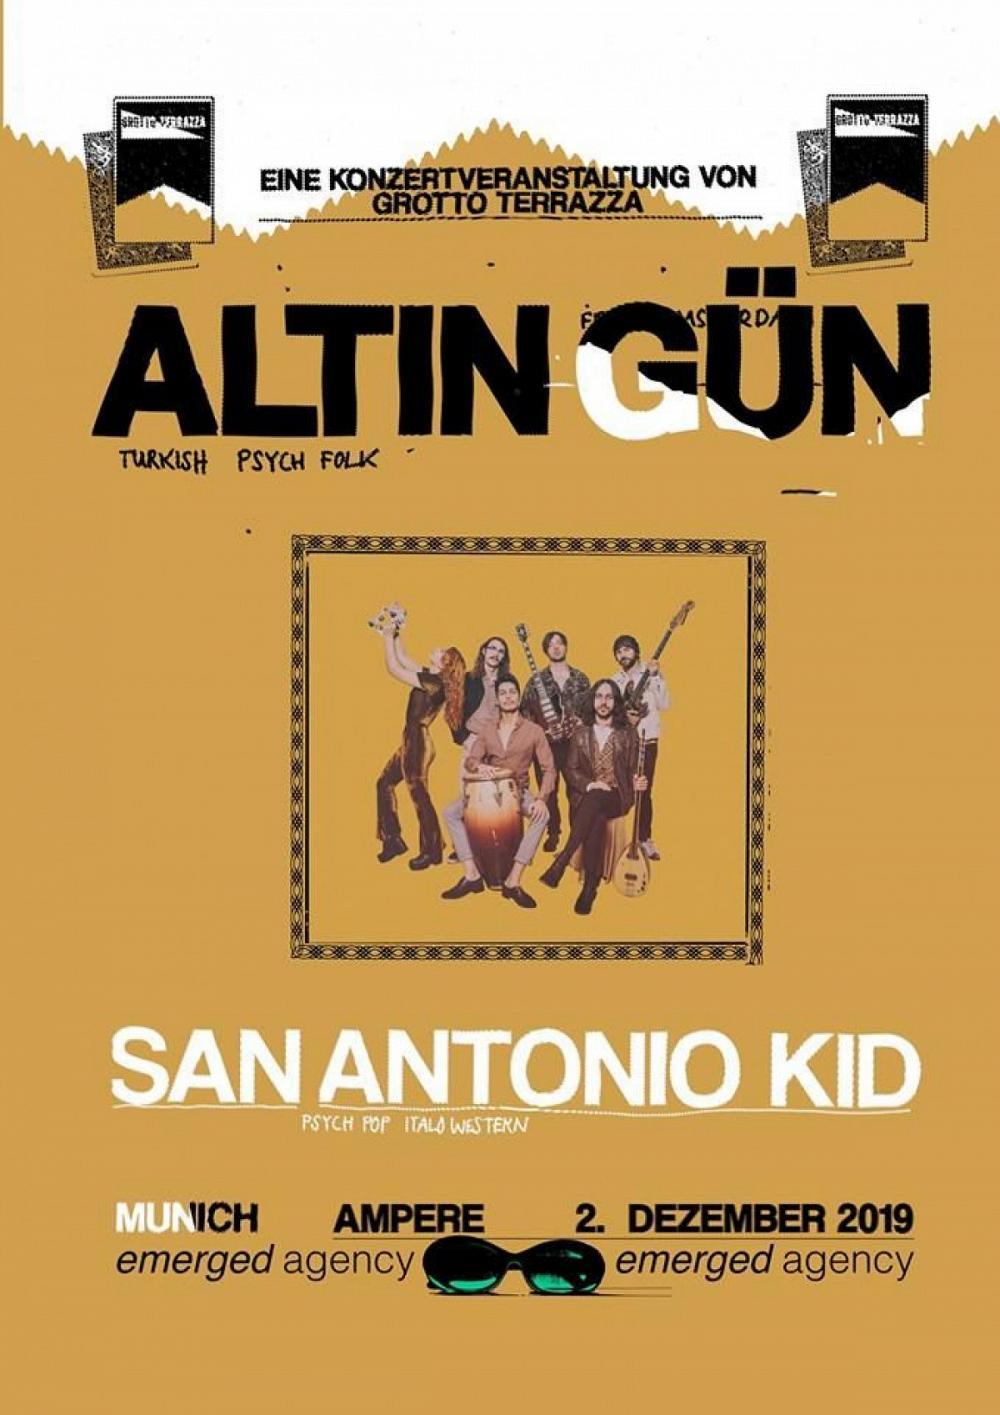 Tapefruit Konzert: Altin Gün + San Antonio Kid | 02.12.2019 @ Ampere